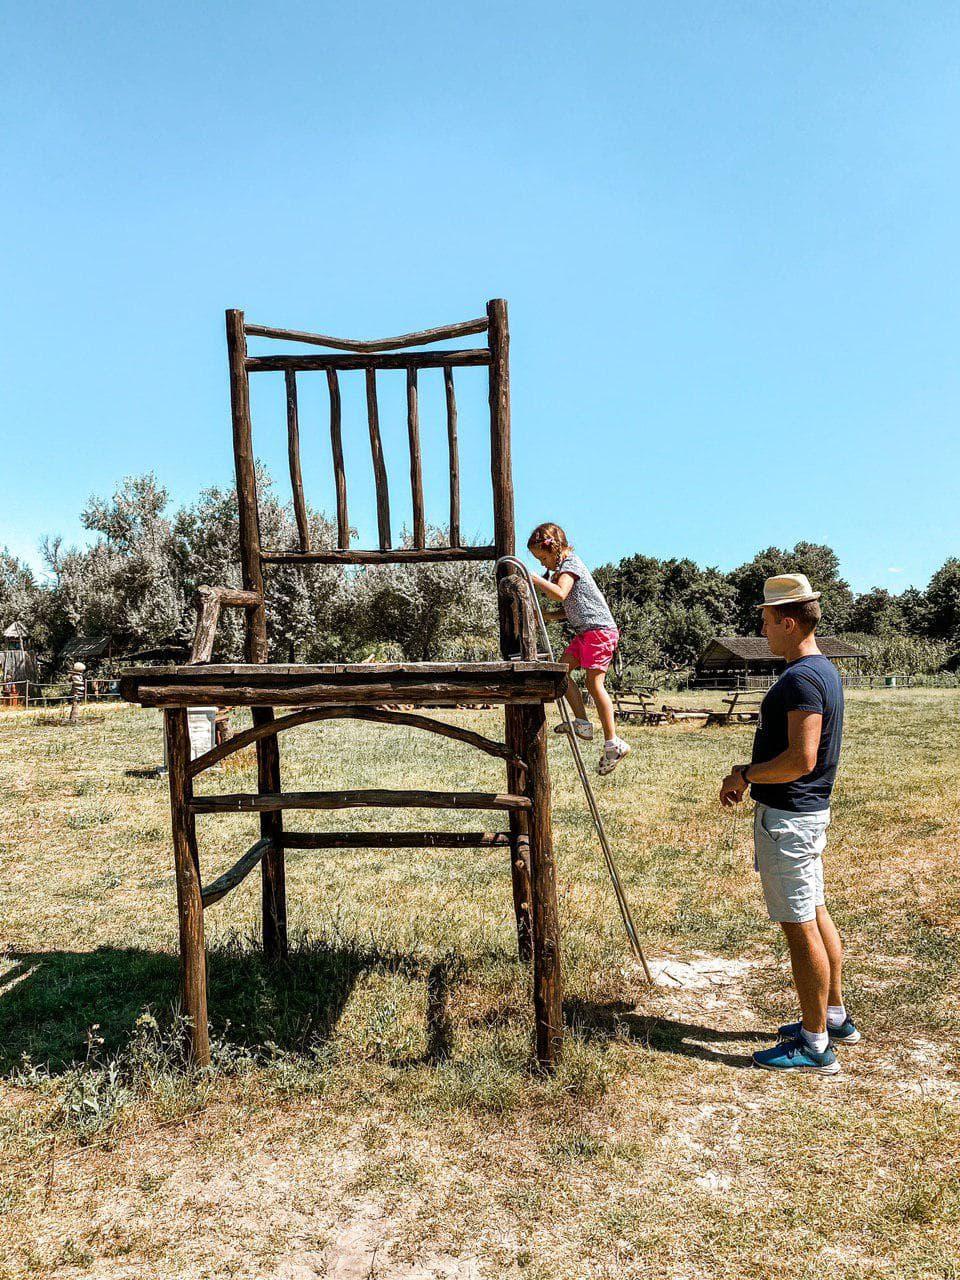 большой стул в зеленых хуторах таврии.